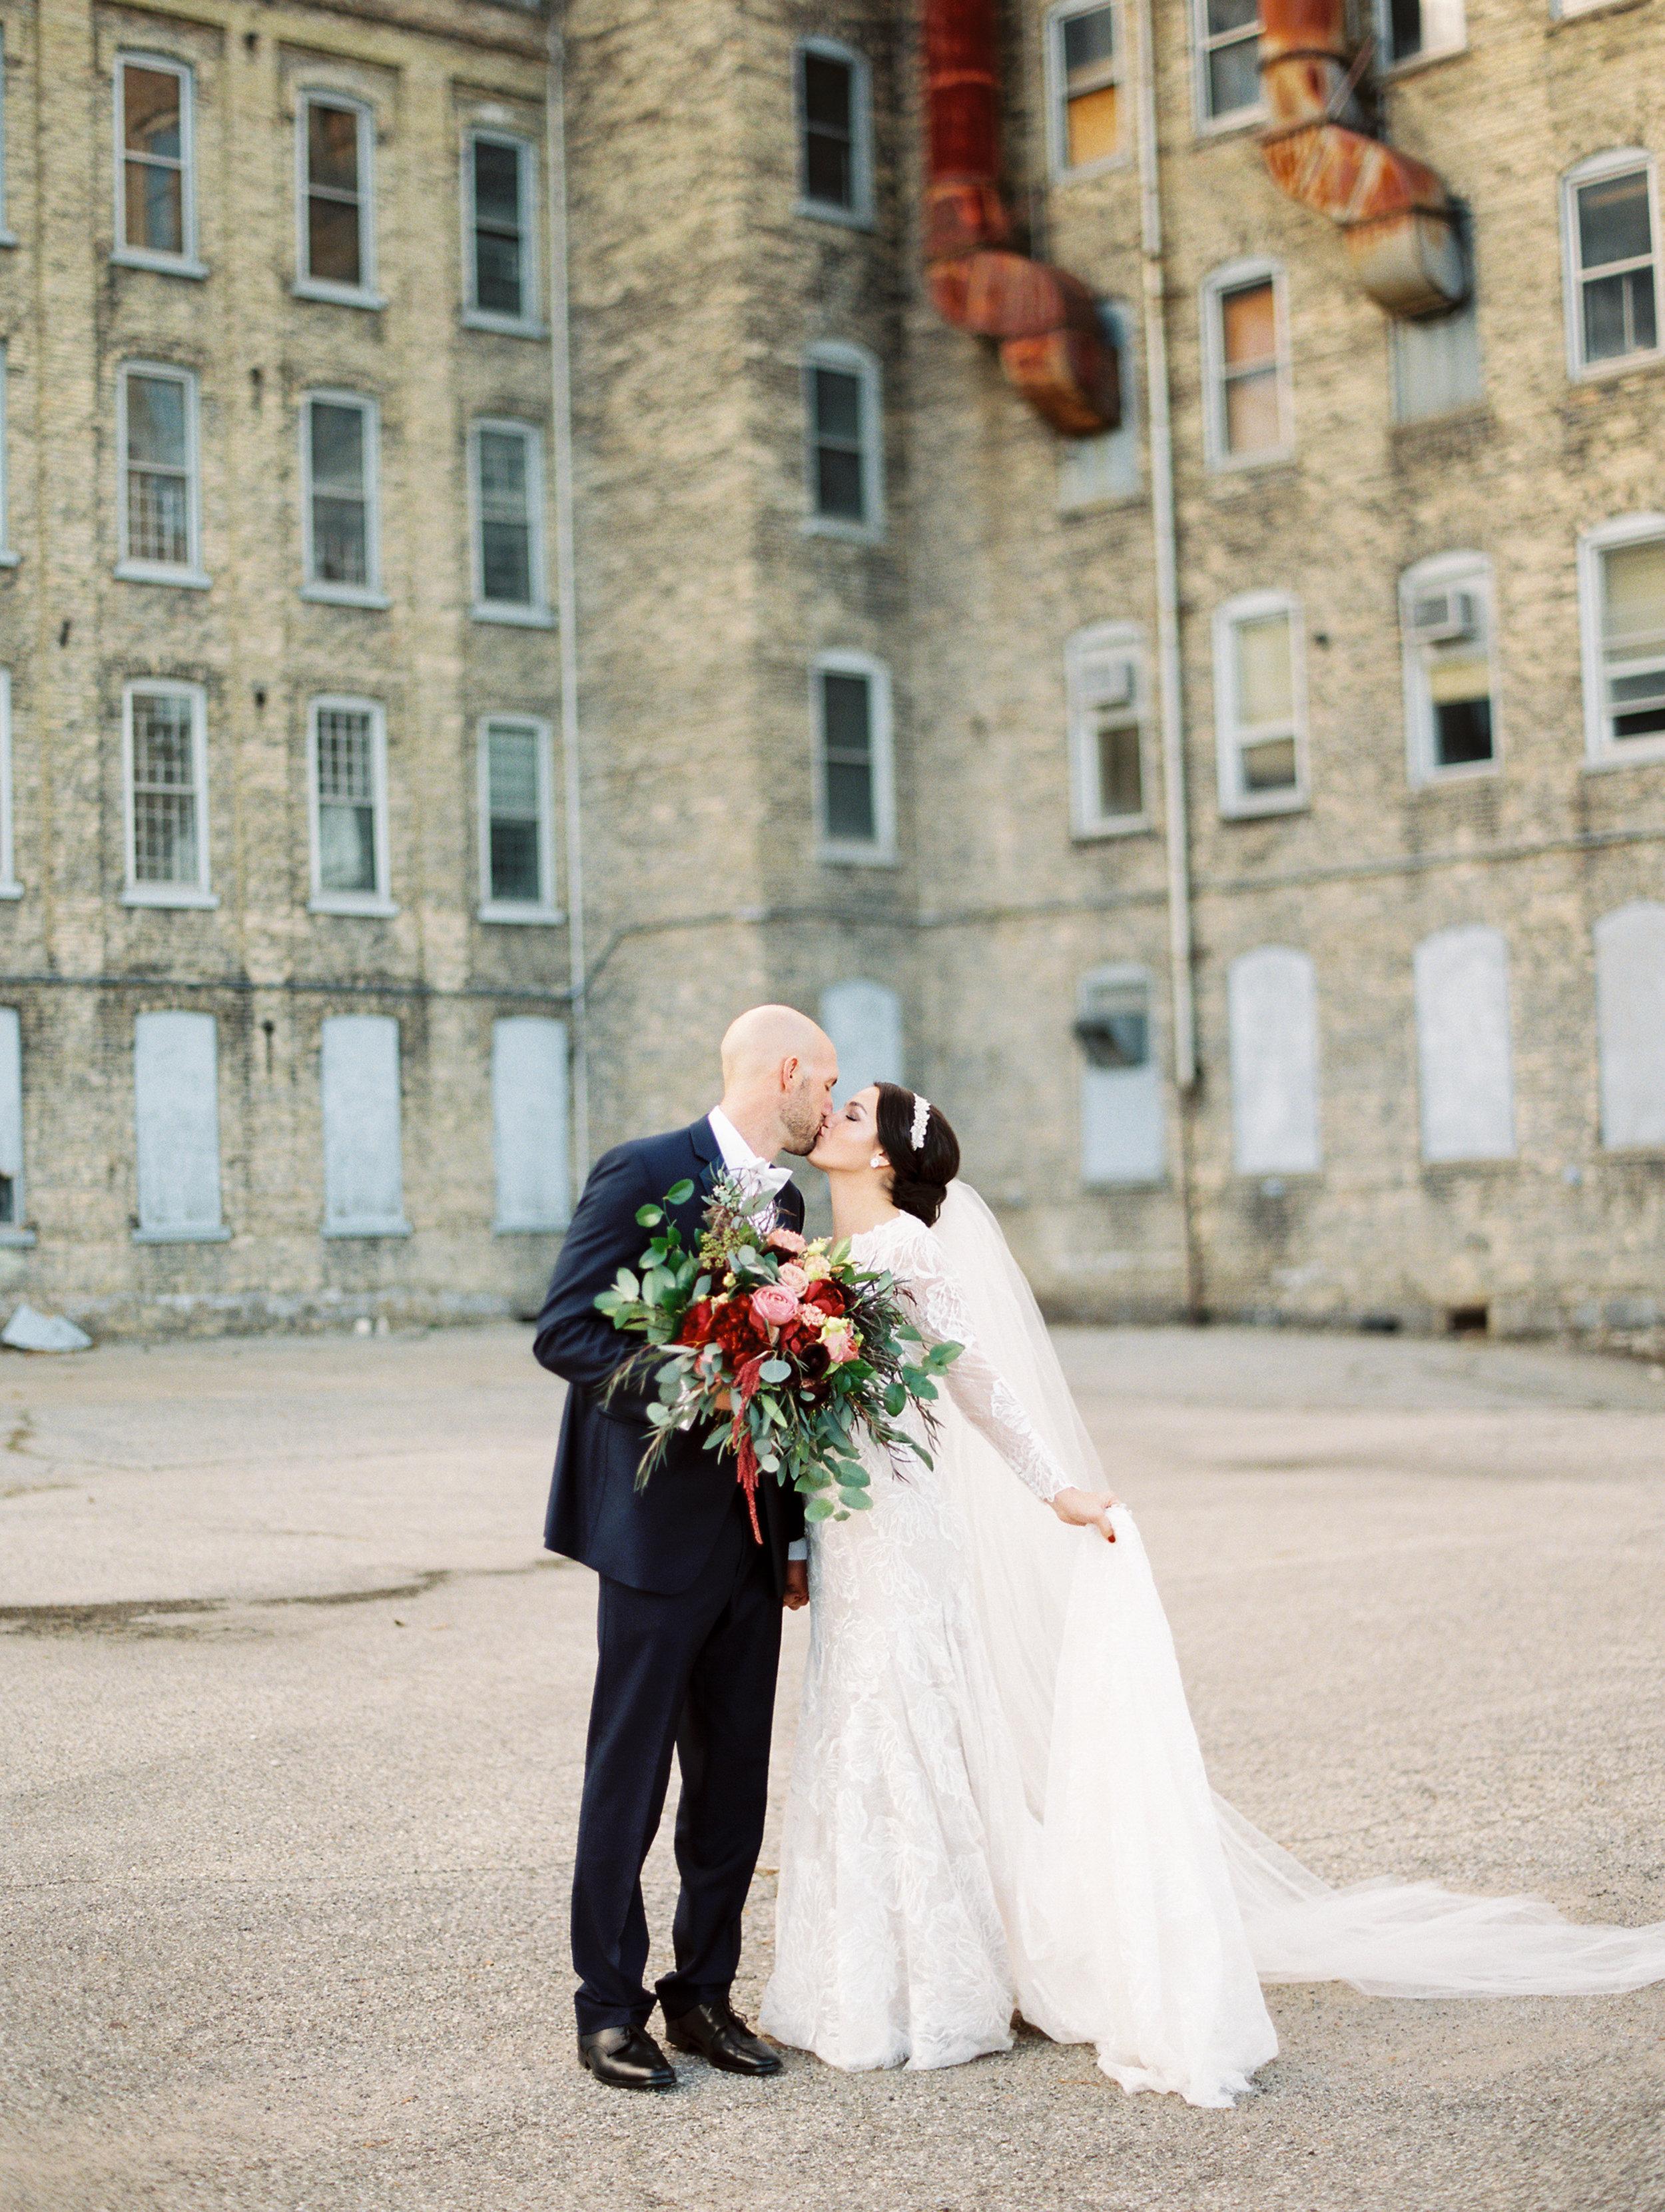 Vogelzang+Wedding+Bride+Groom-48.jpg